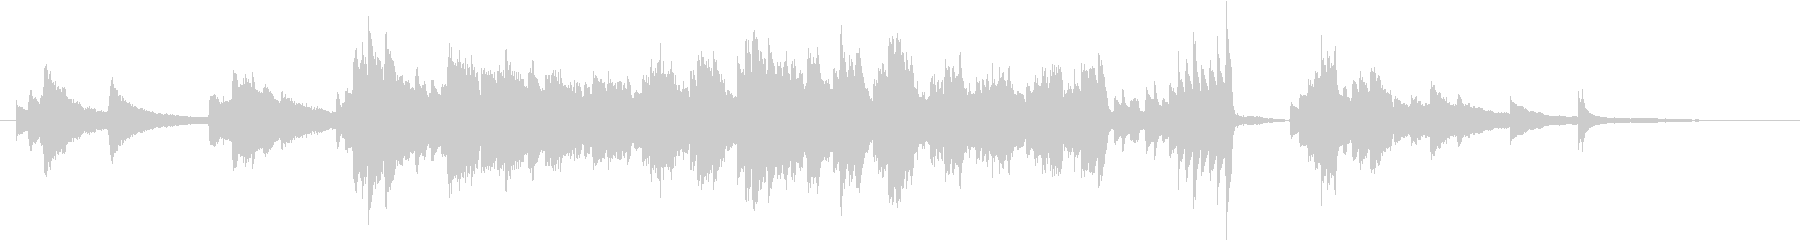 切ないのピアノの未再生の波形